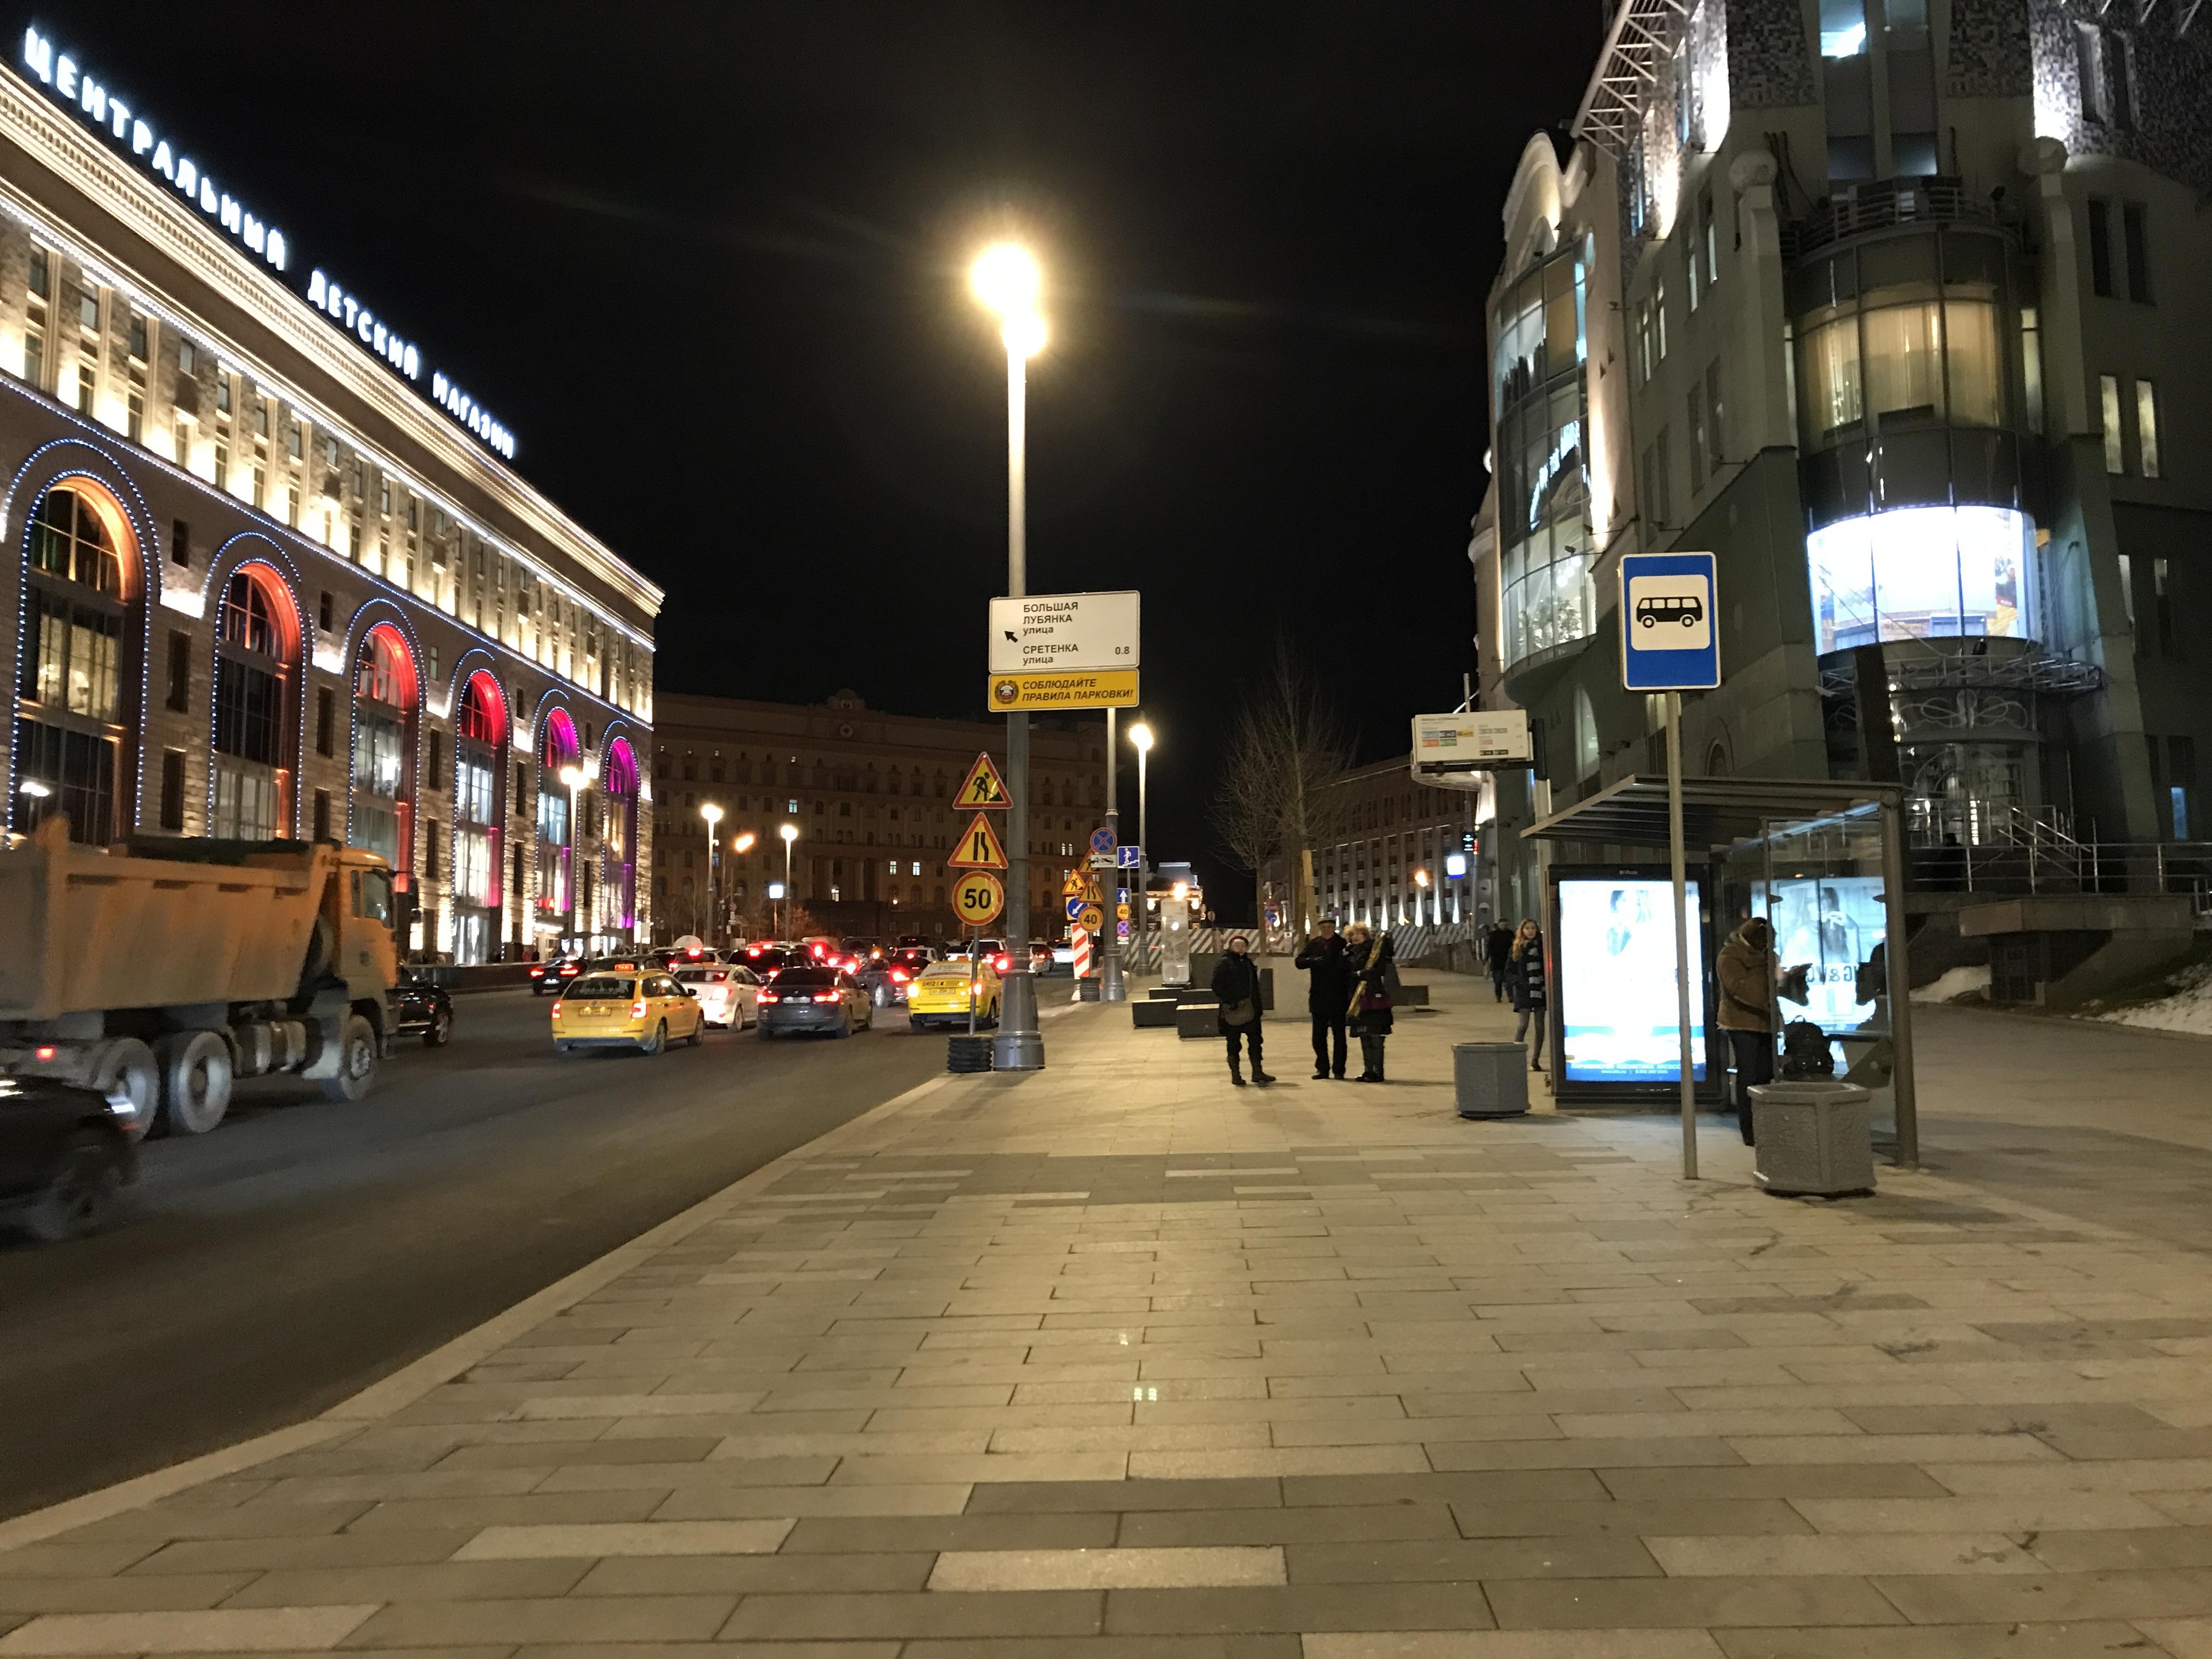 Мы сравнили ночные фото с Galaxy S8+ и iPhone 7